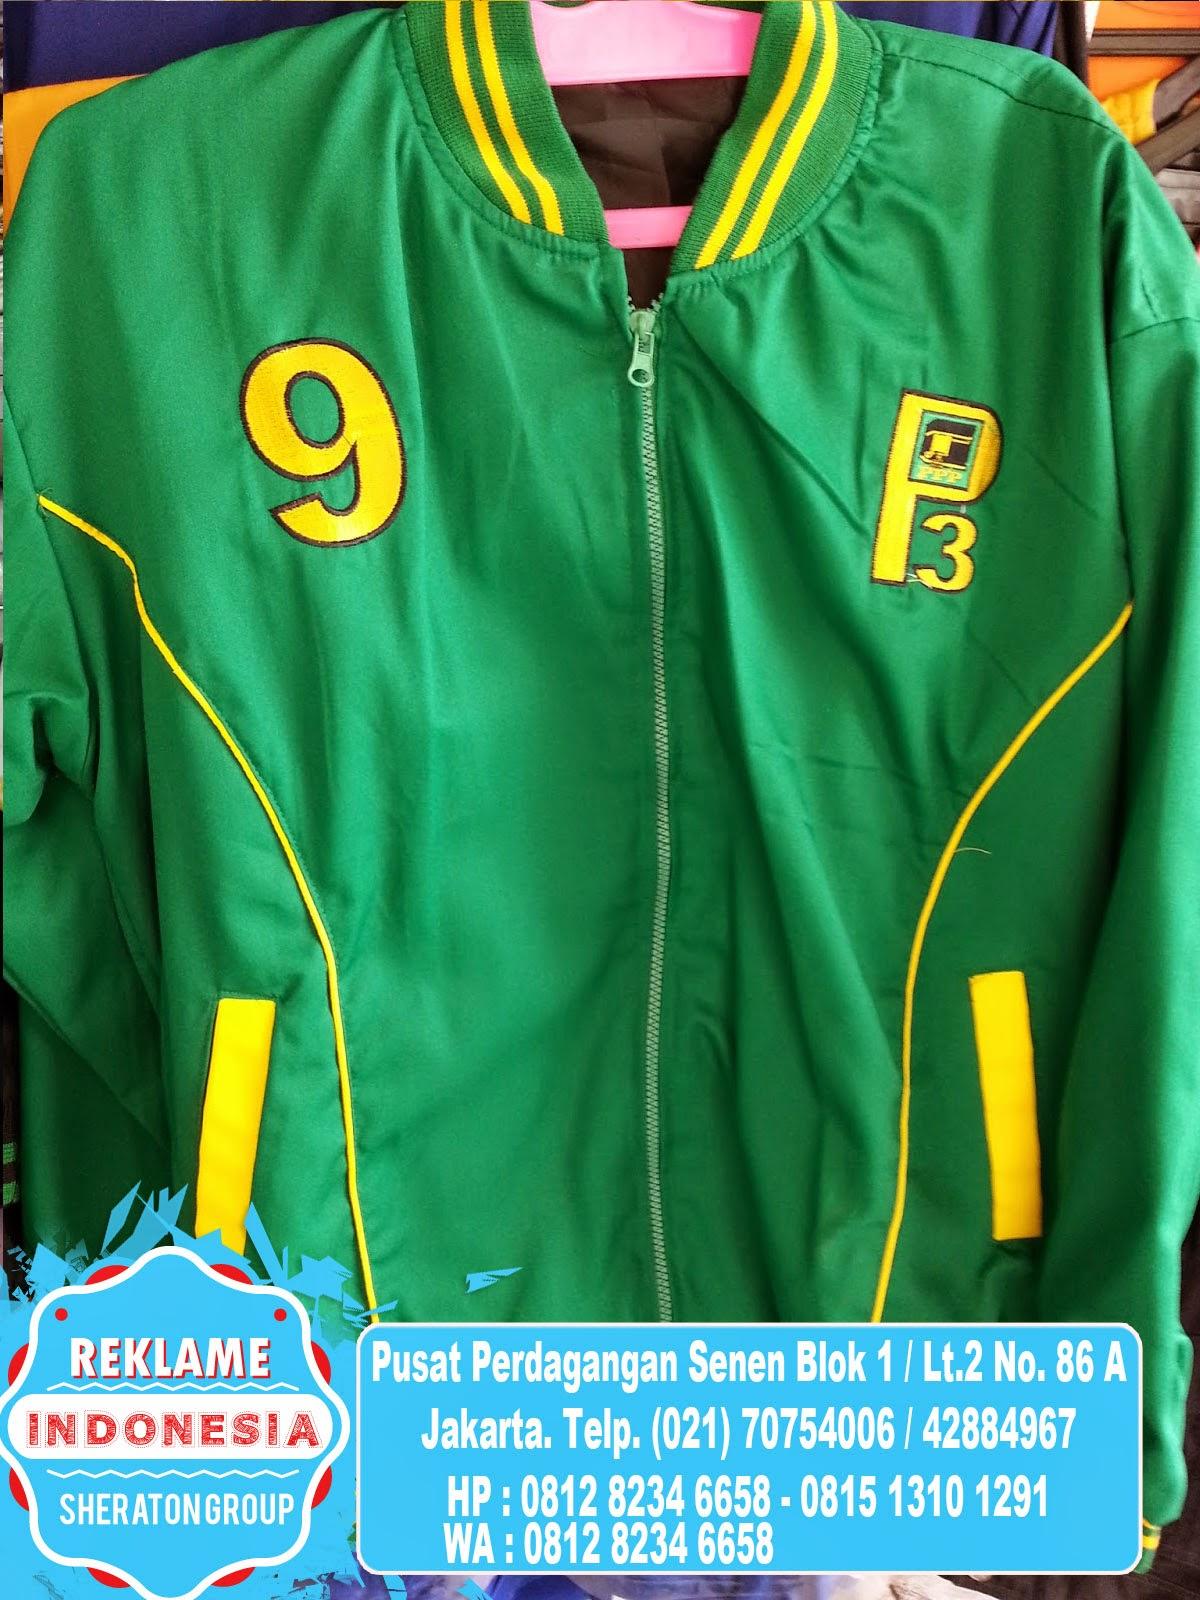 Jaket partai Persatuan pembangunan Jaket Partai PPP Jaket p3